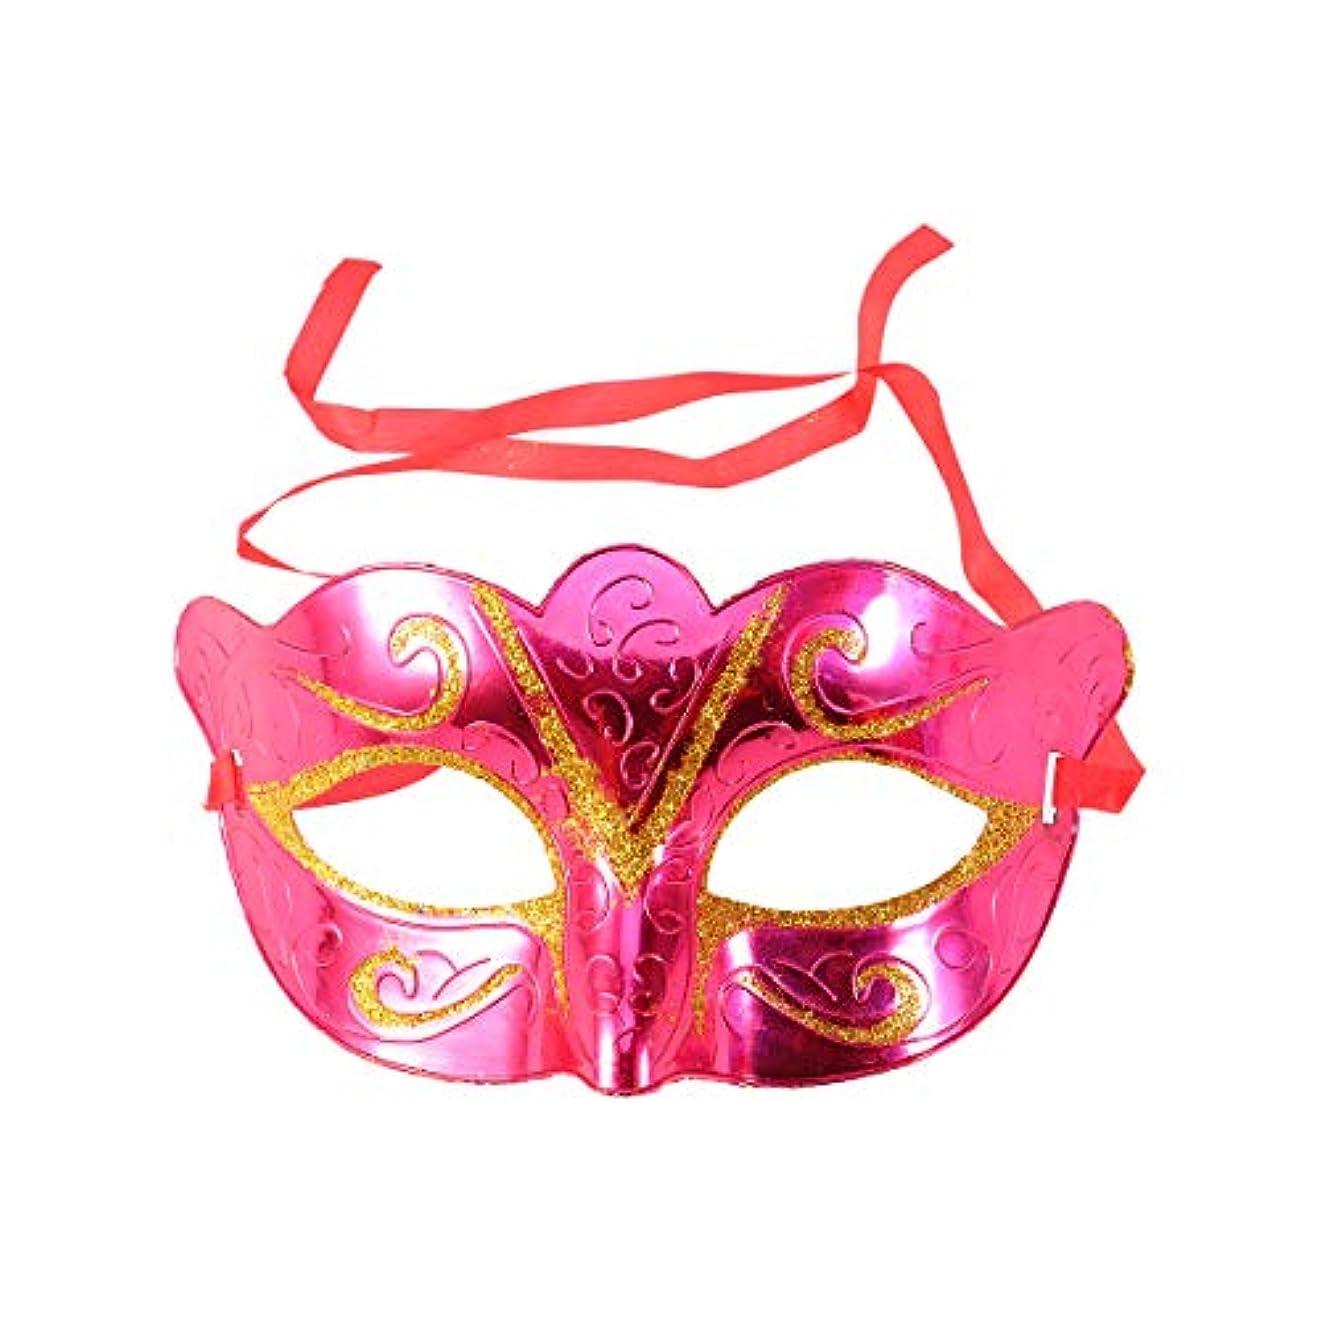 増加するコスト適応するTOYANDONA ハロウィーンカーニバルパーティーのための12個のプラスチックマスカレードマスクヴェネツィアハーフフェイスパーティーマスク(ランダムカラー)